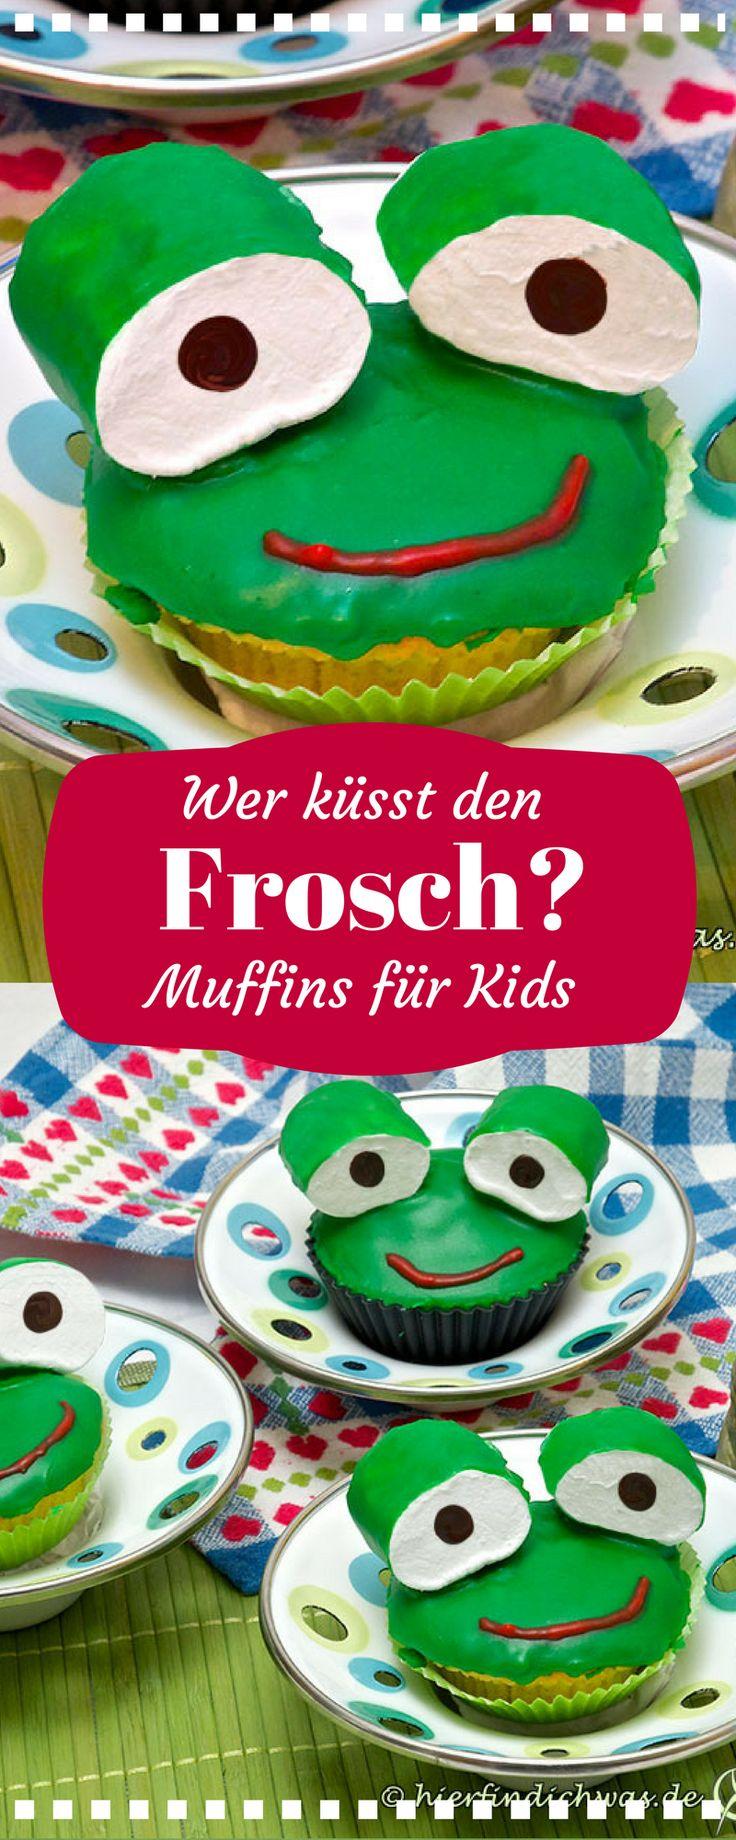 Muffin bzw. Cupcake Rezept für Kinder. Ideal natürlich für einen Kindergeburtstag oder für ein Schmunzel im Gesicht.